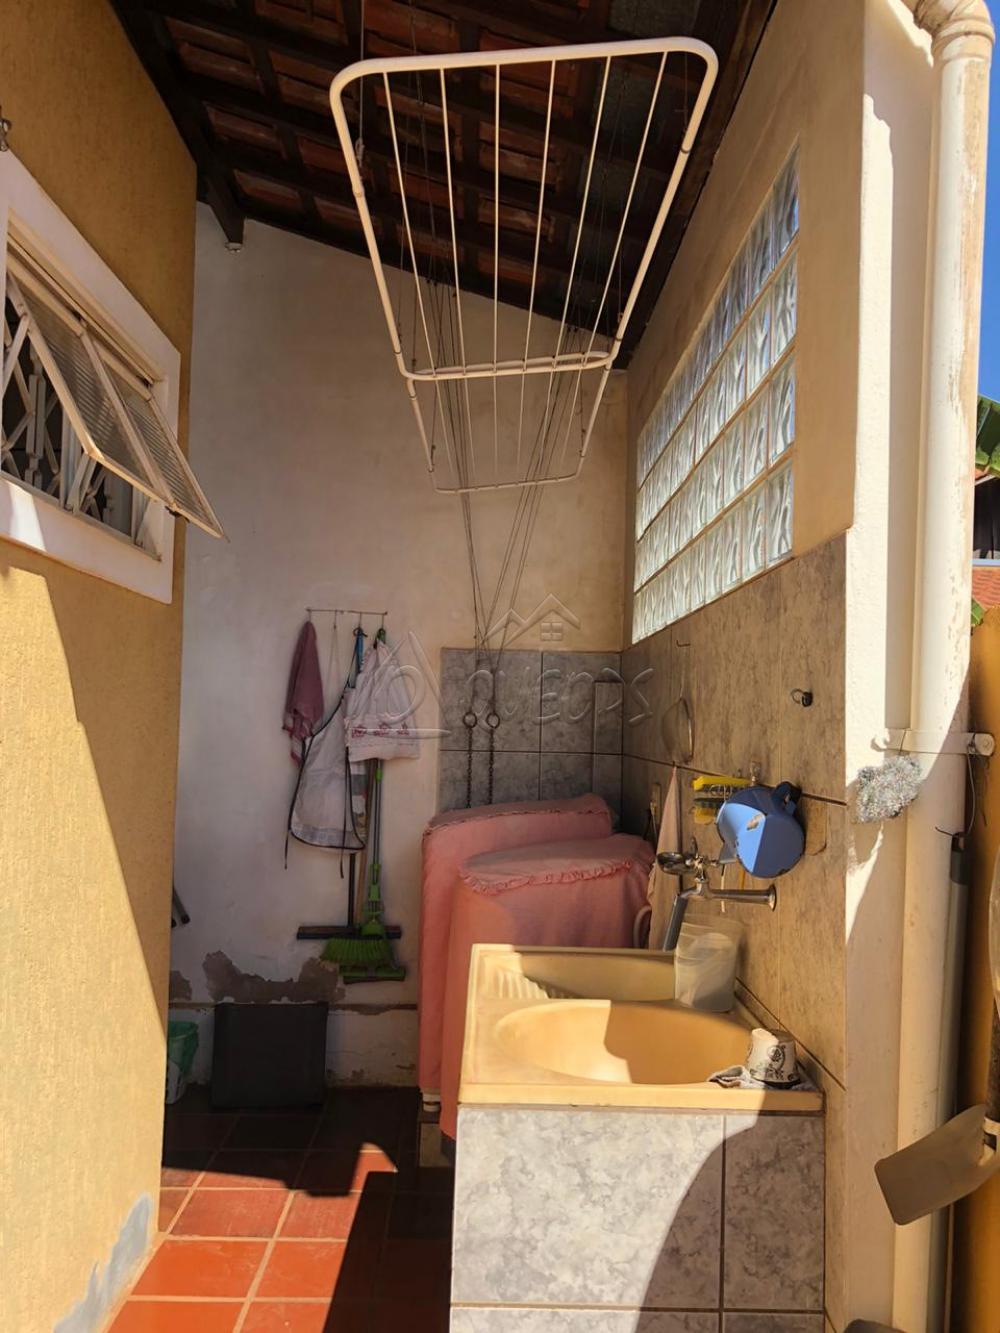 Comprar Casa / Padrão em Barretos apenas R$ 350.000,00 - Foto 20